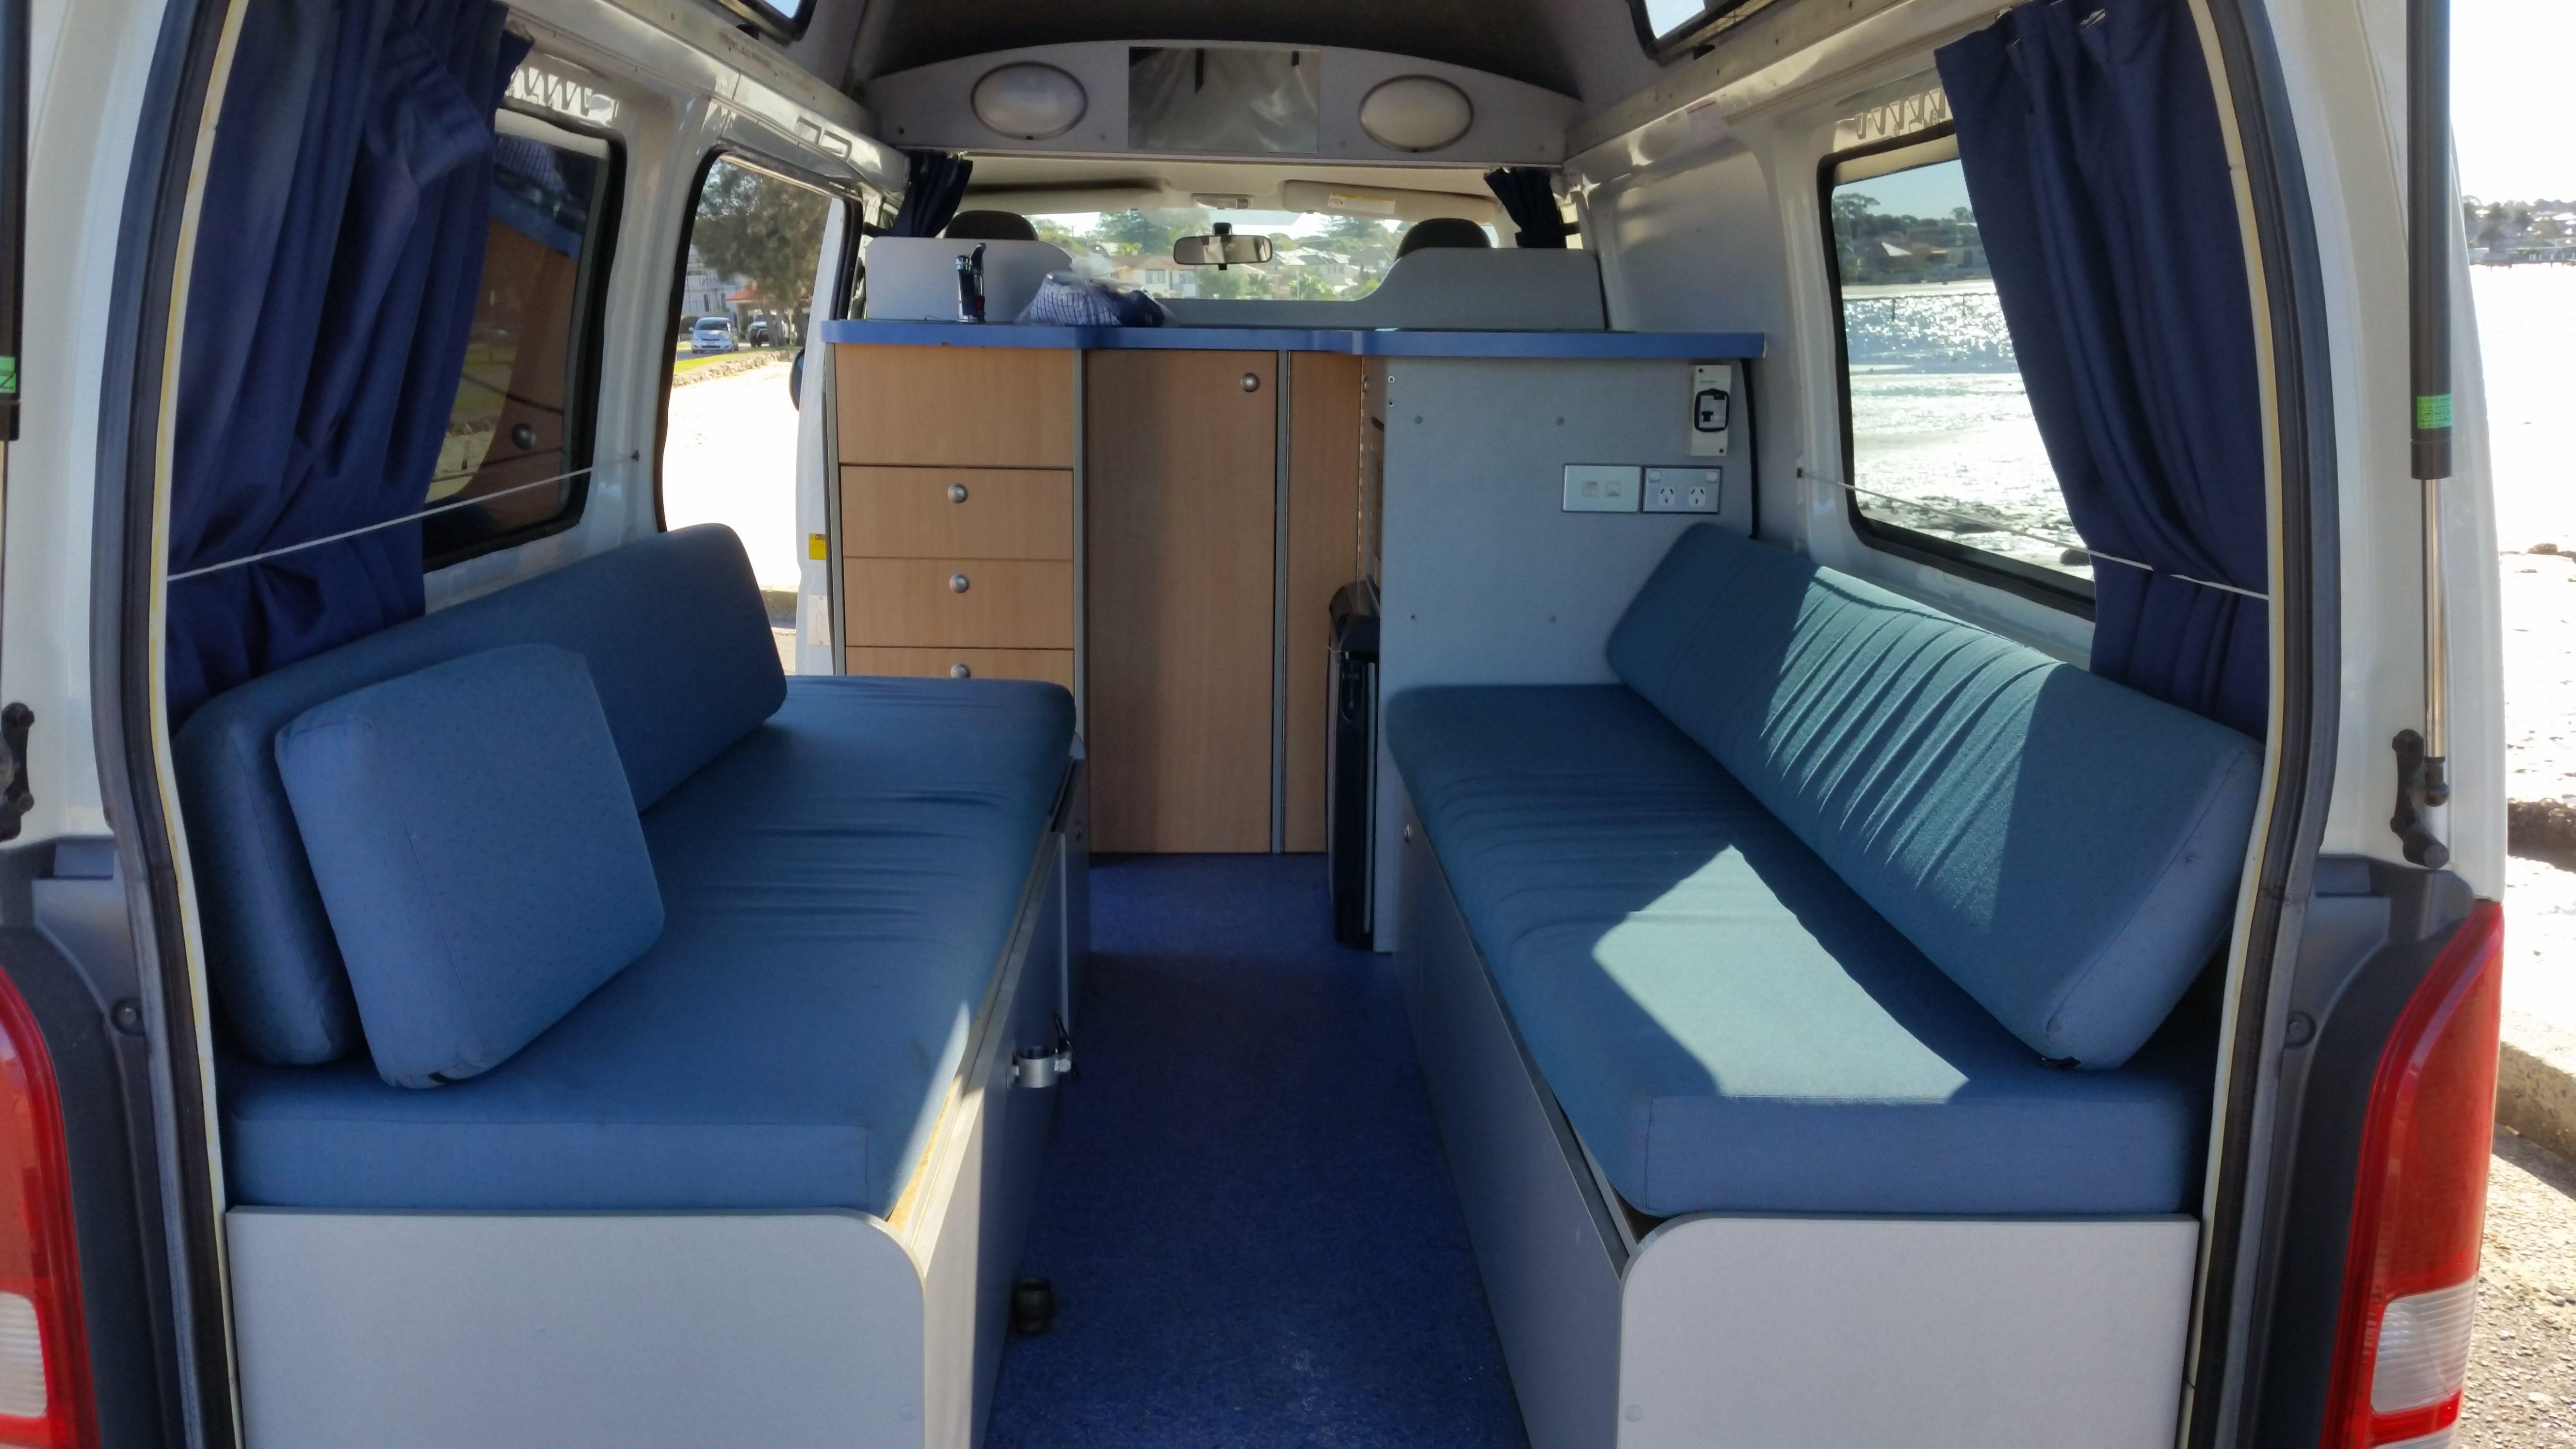 Campervan Interior 2 - RV Rental Canberra - Campervan Rental Shop